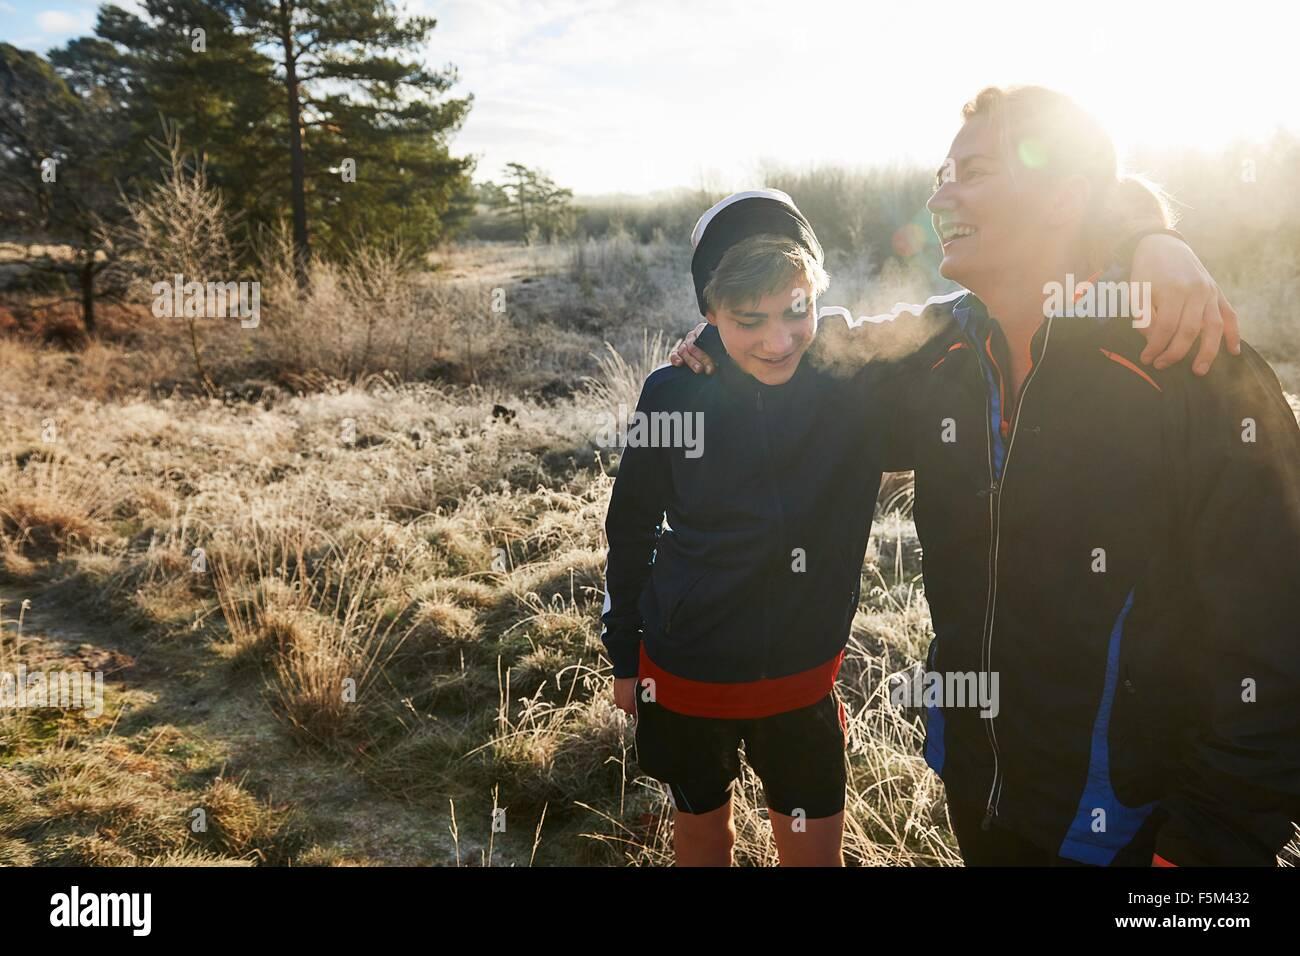 Madre e hijo en pastizales vistiendo ropa deportiva brazos alrededor de cada uno de los demás sonriendo Imagen De Stock